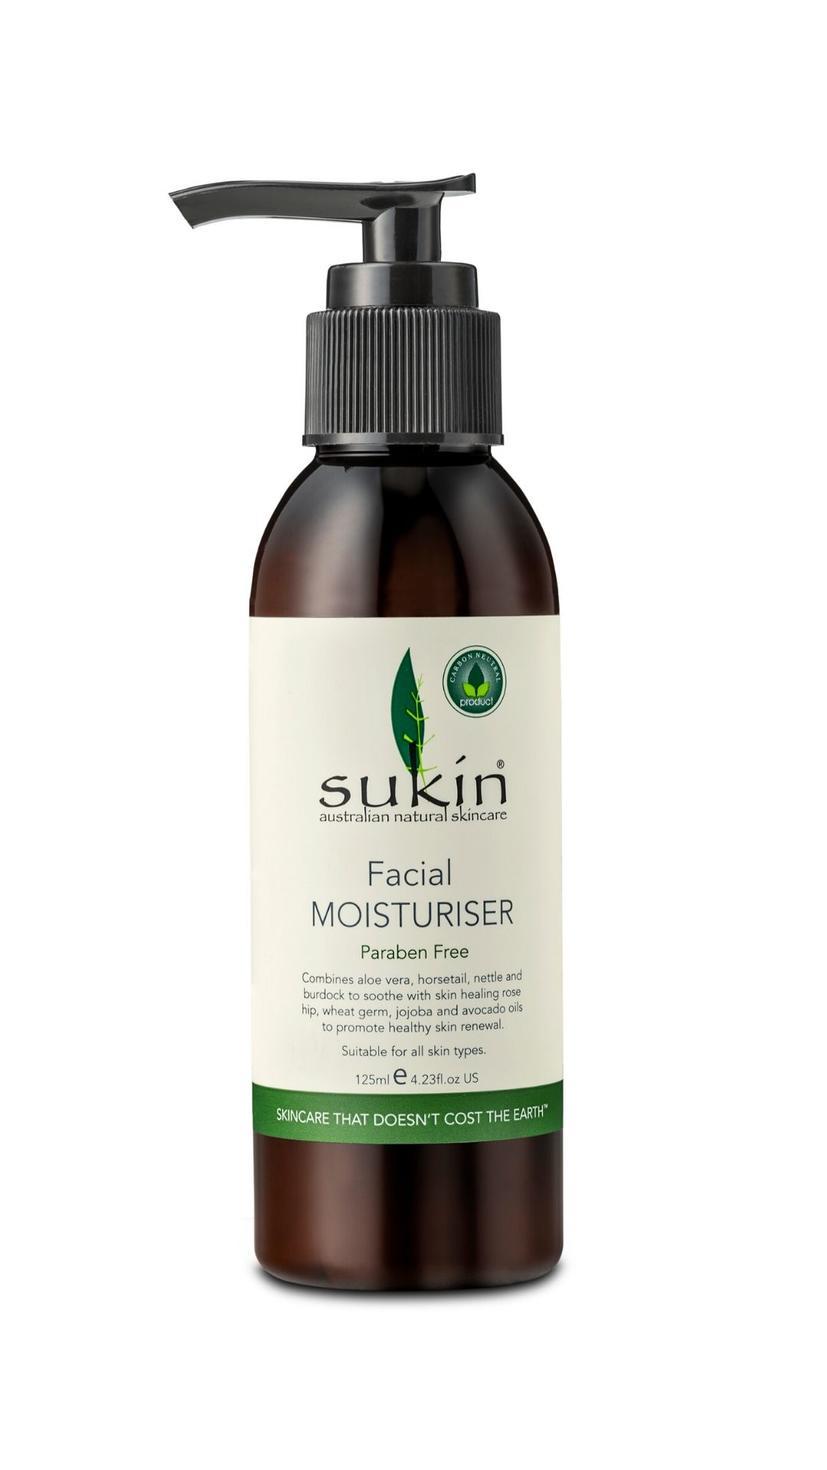 Best face moisturizer, Best face moisturizers in 2020, Best face moisturizers of all time, Face moisturizer for Oily skin, Best face moisturizer for dry skin